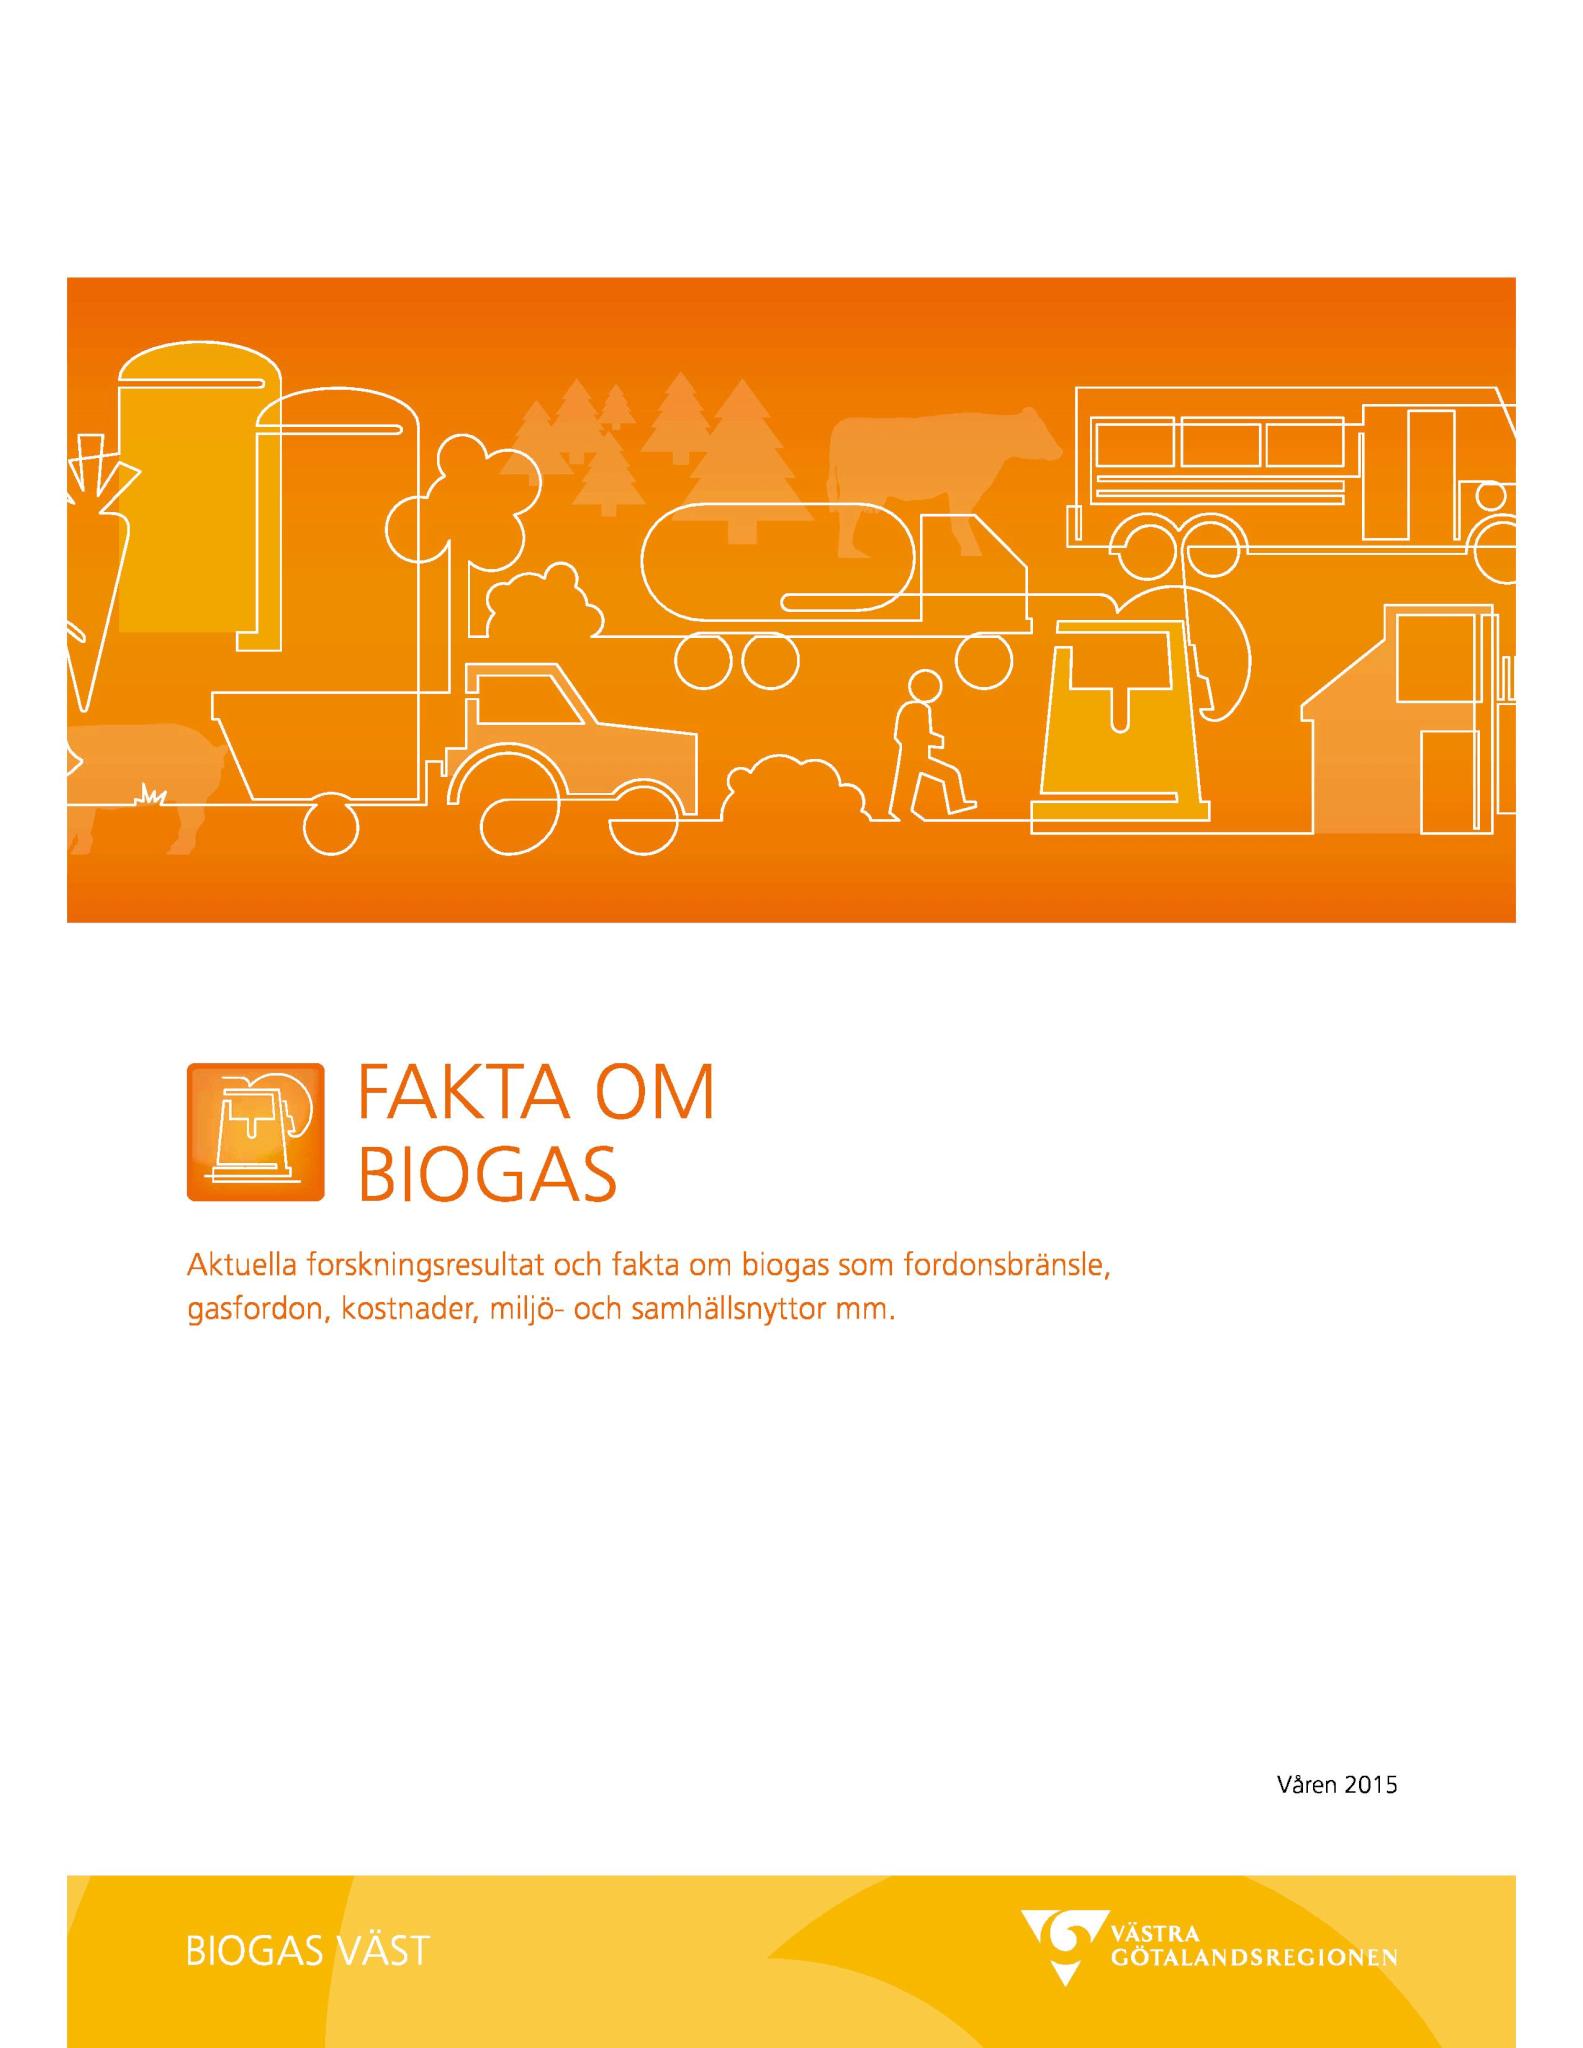 Fakta om biogas